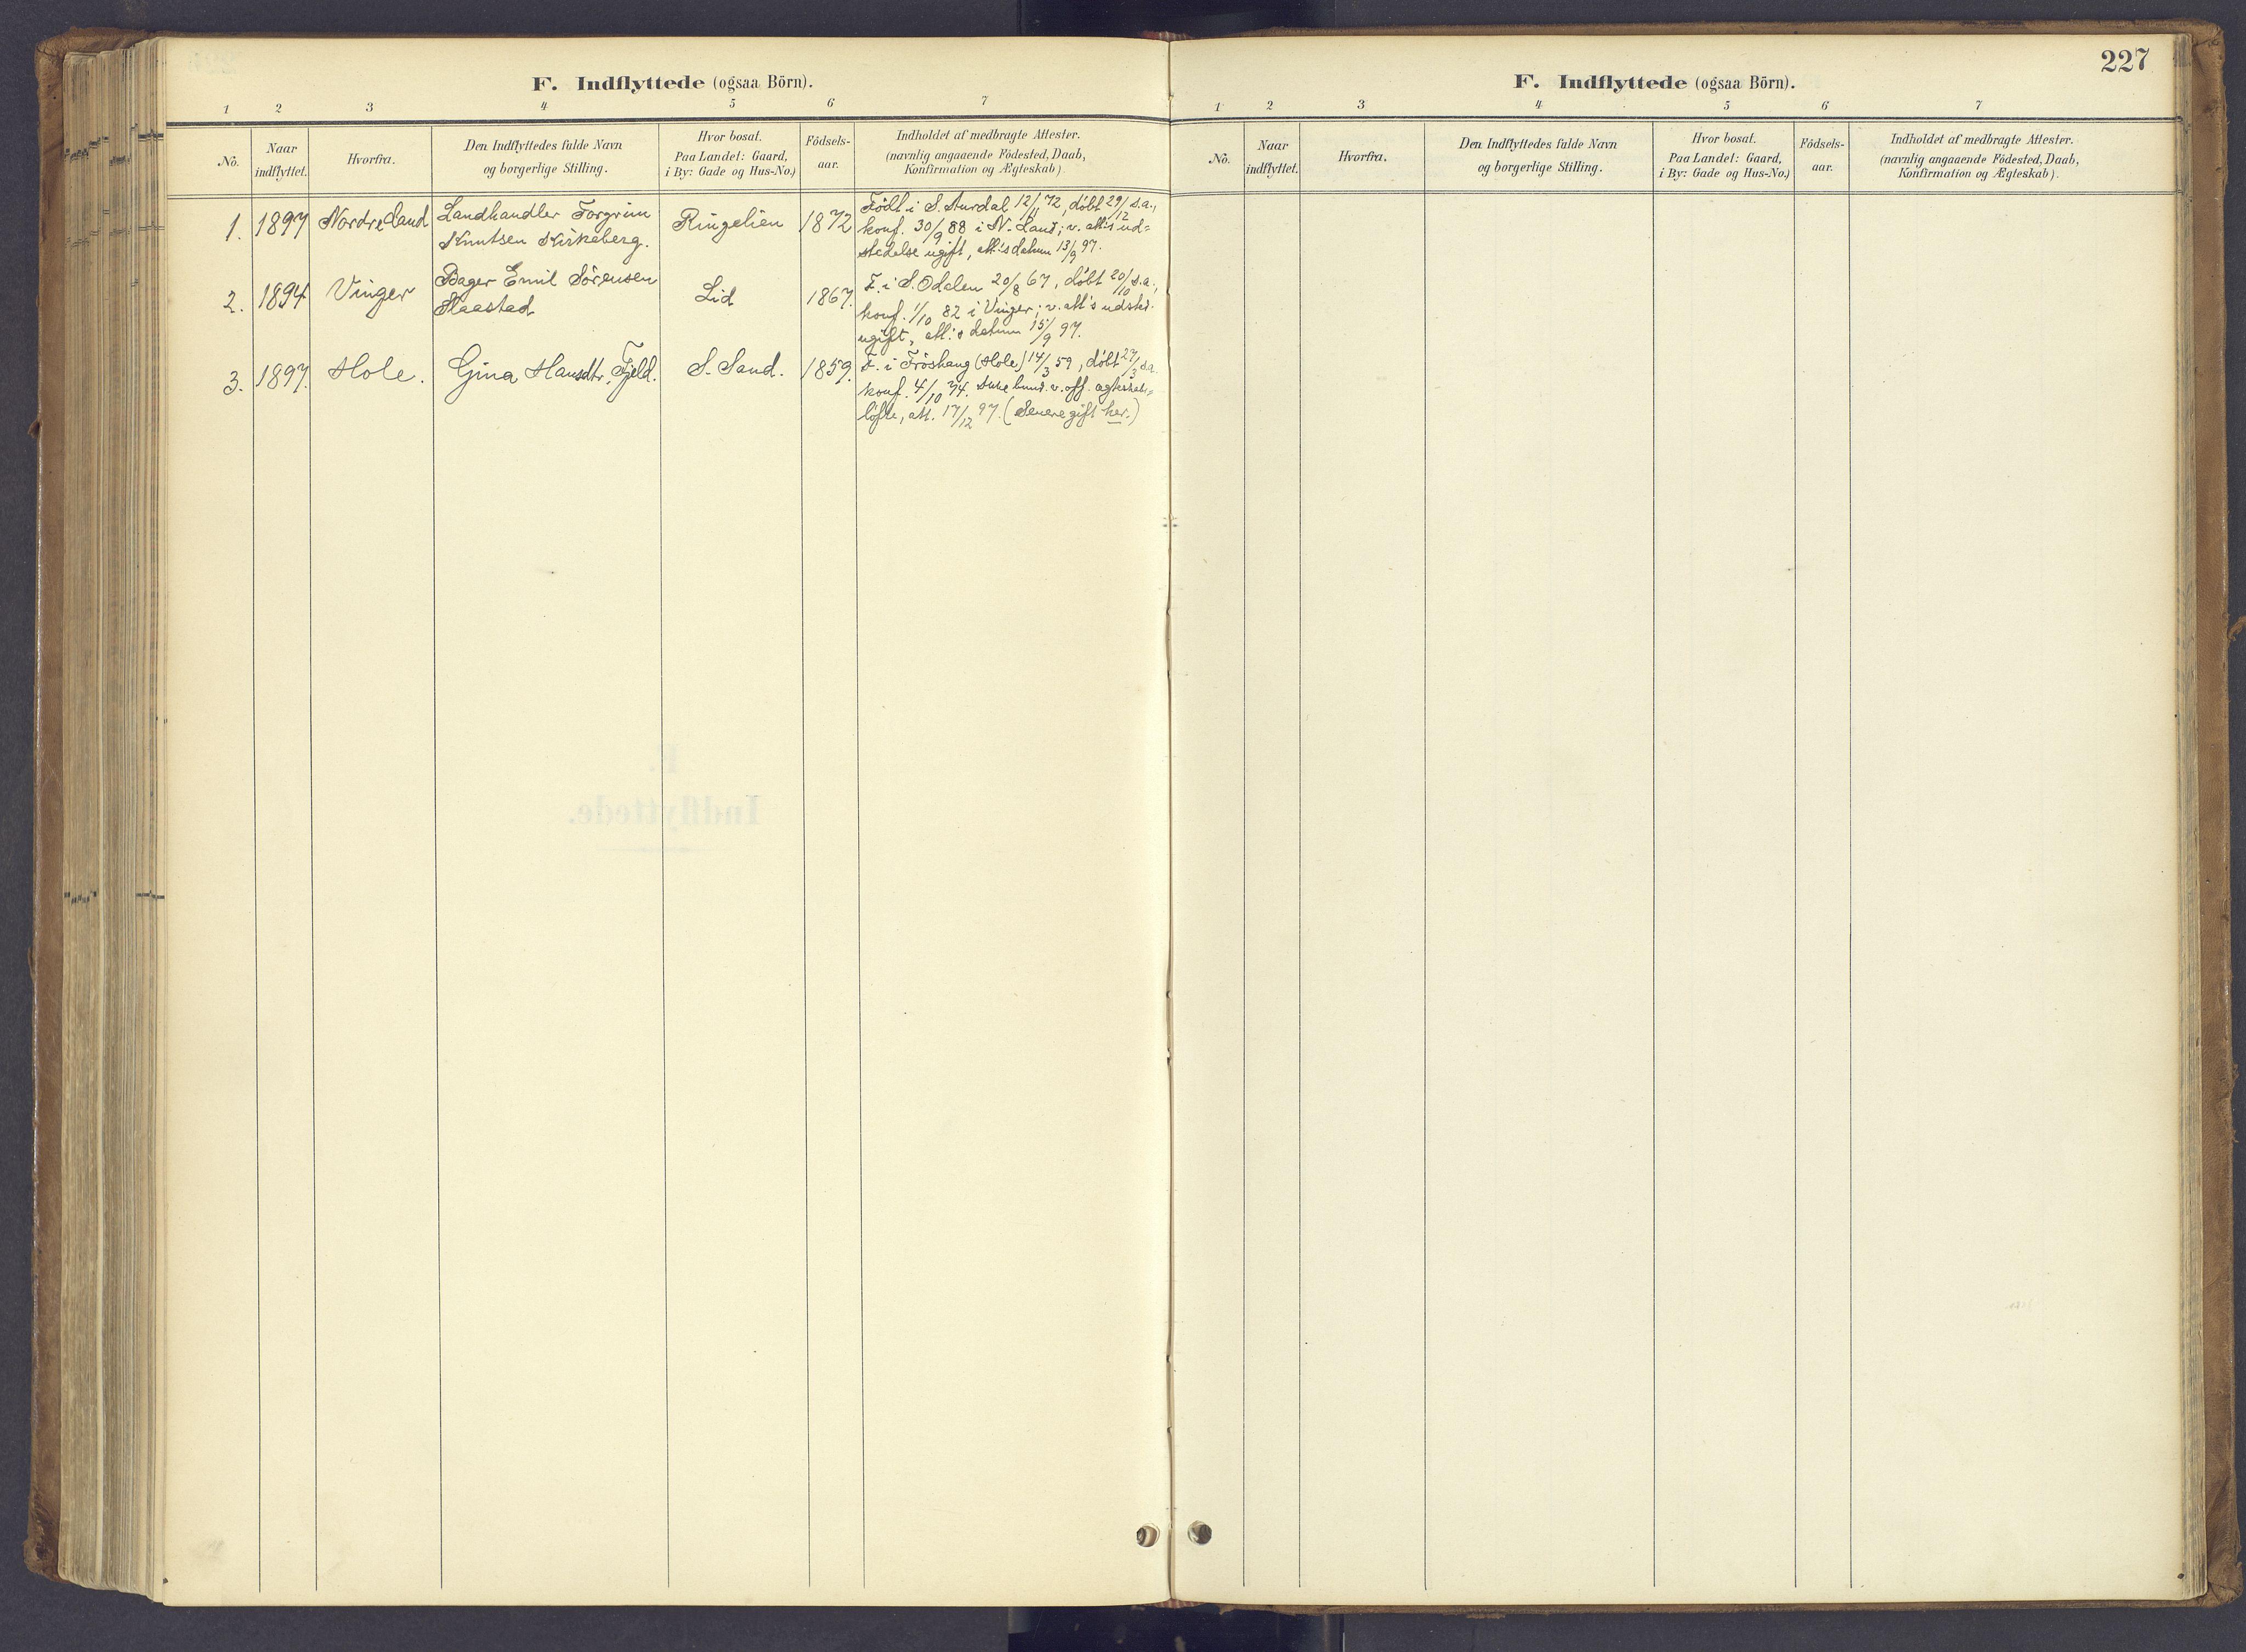 SAH, Søndre Land prestekontor, K/L0006: Parish register (official) no. 6, 1895-1904, p. 227